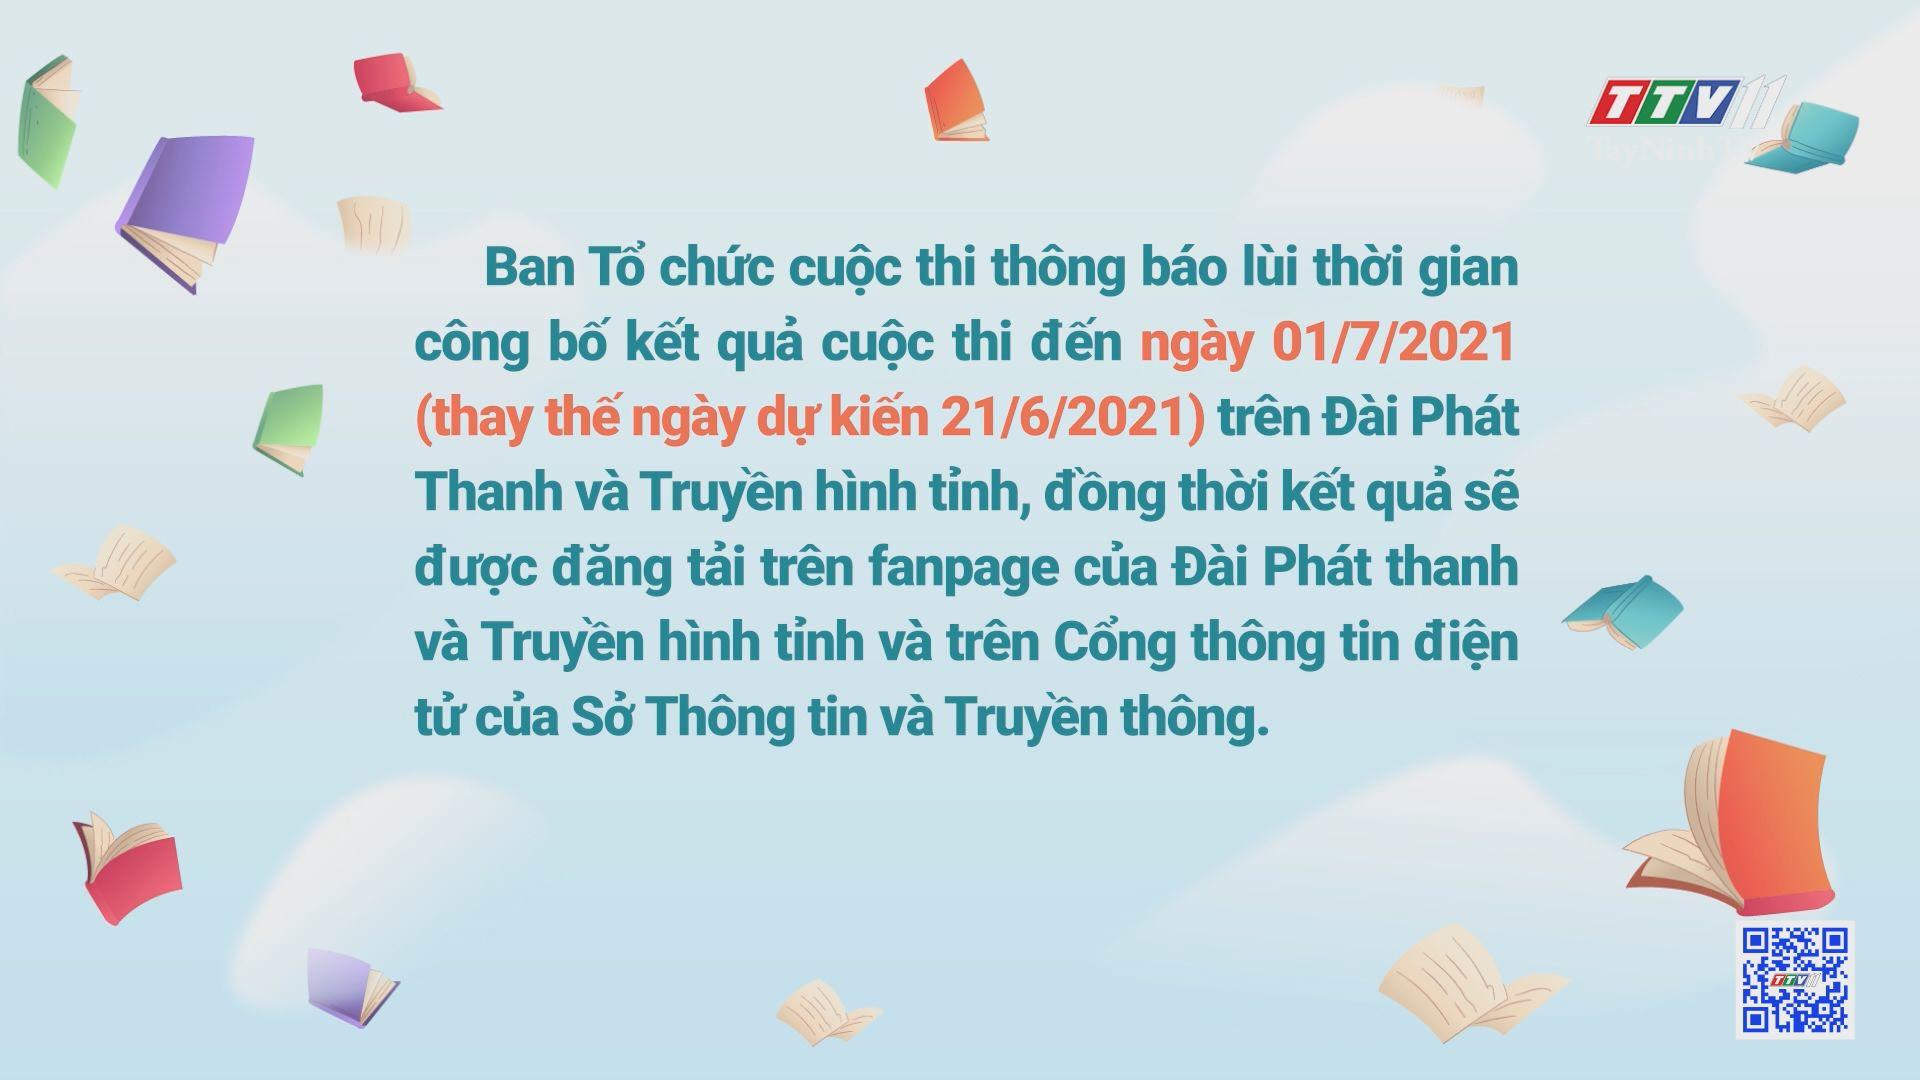 Thông báo lùi thời gian công bố kết quả cuộc thi CUỐN SÁCH TÔI YÊU đến ngày 01/7/2021 | TayNinhTV